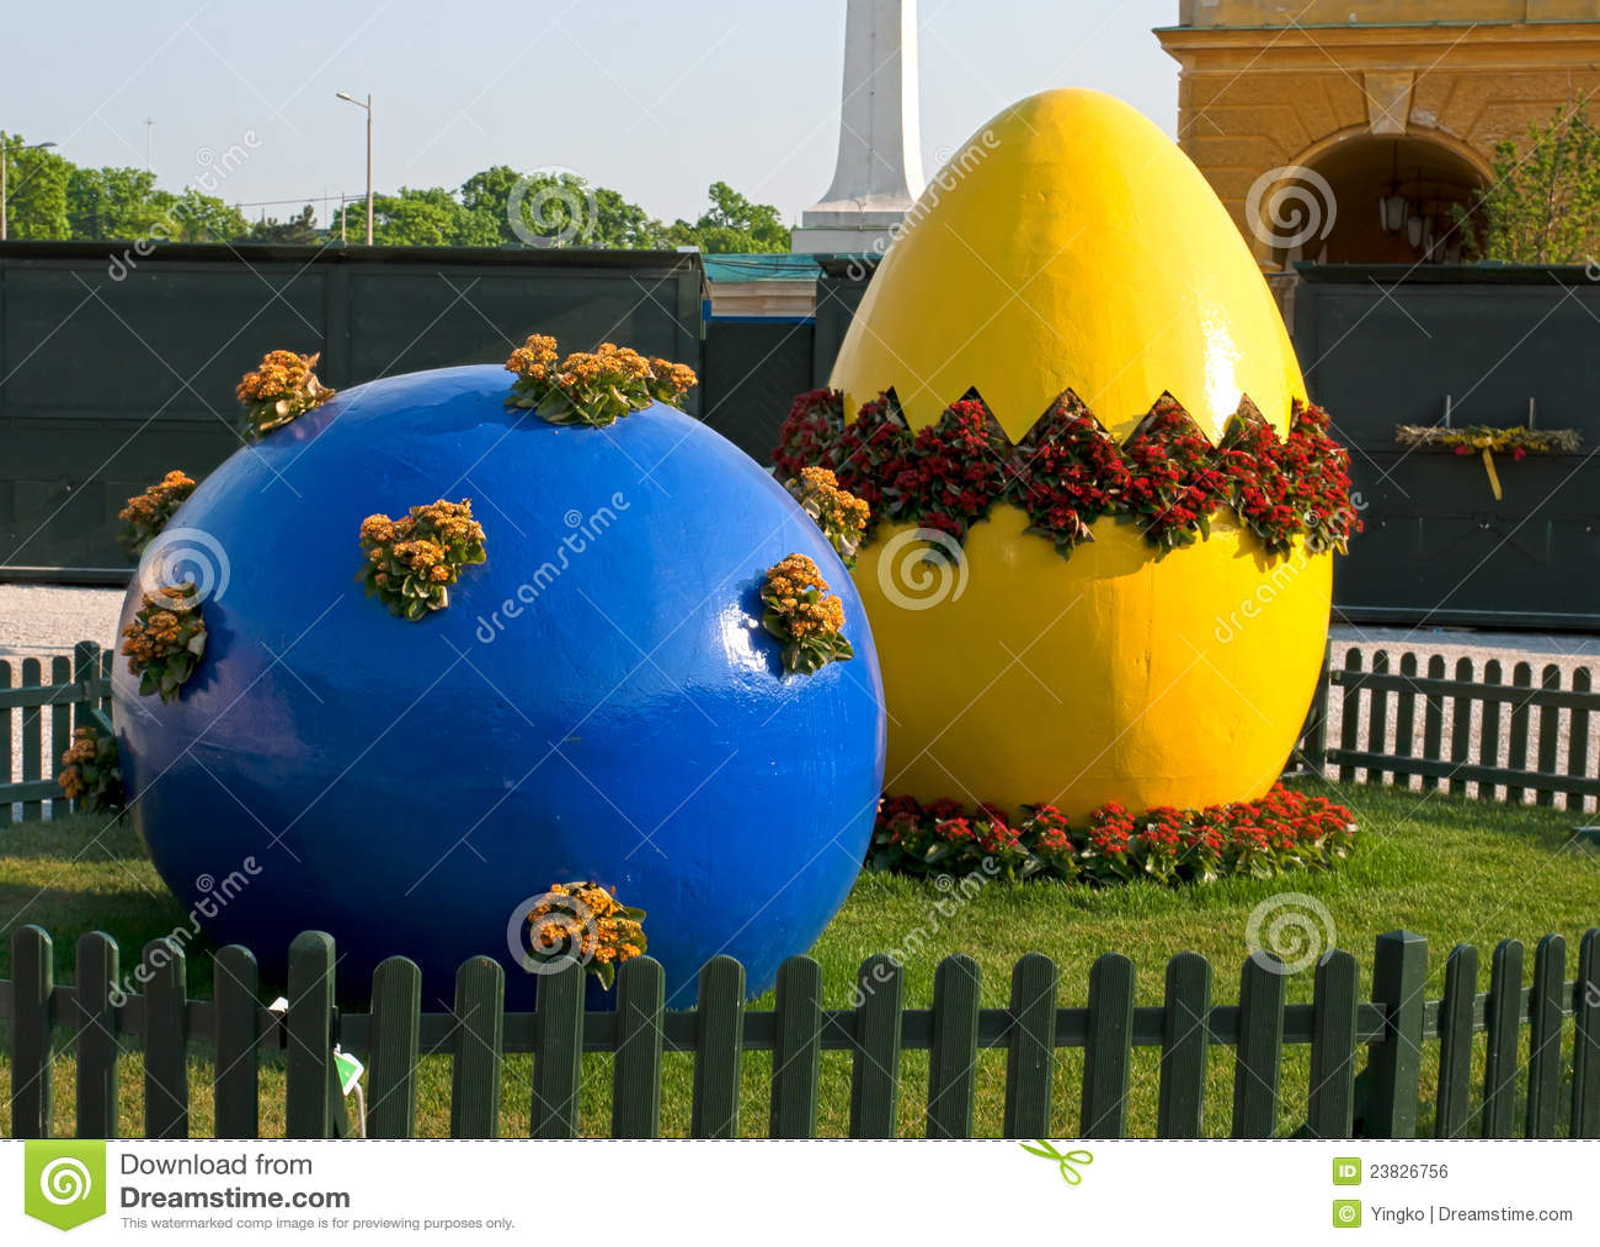 De decoratie van pasen royalty vrije stock afbeelding afbeelding 23826756 - Decoratie geel ...